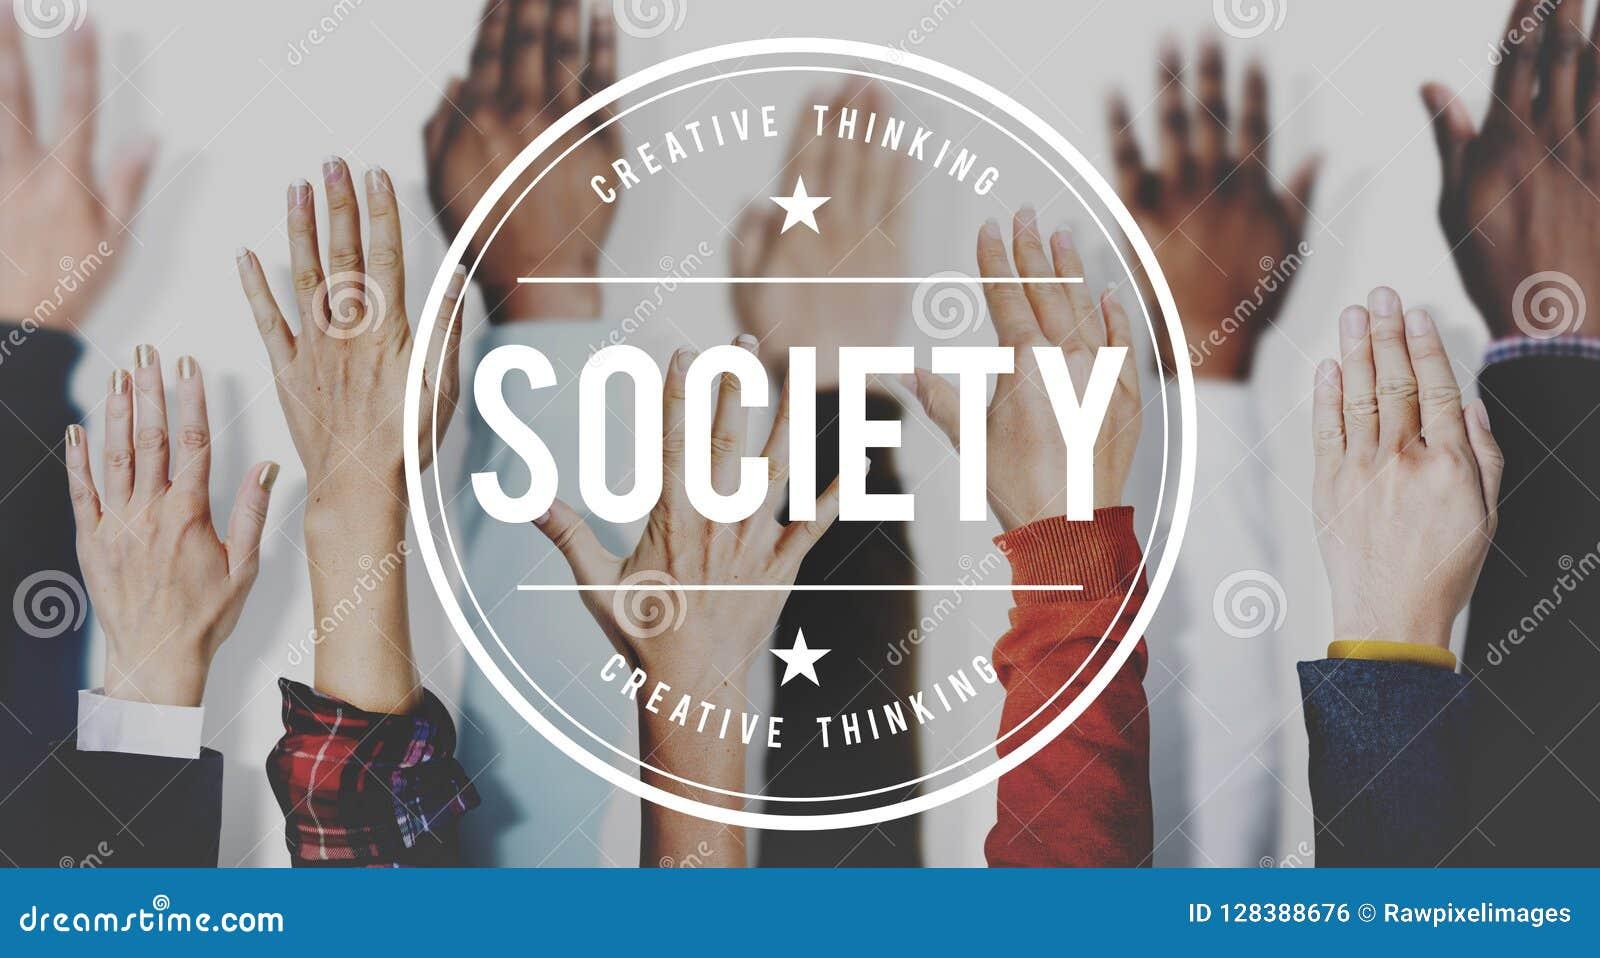 Gesellschafts-Verbindungs-Verschiedenartigkeits-Gemeinschaftsmenschliches Handkonzept